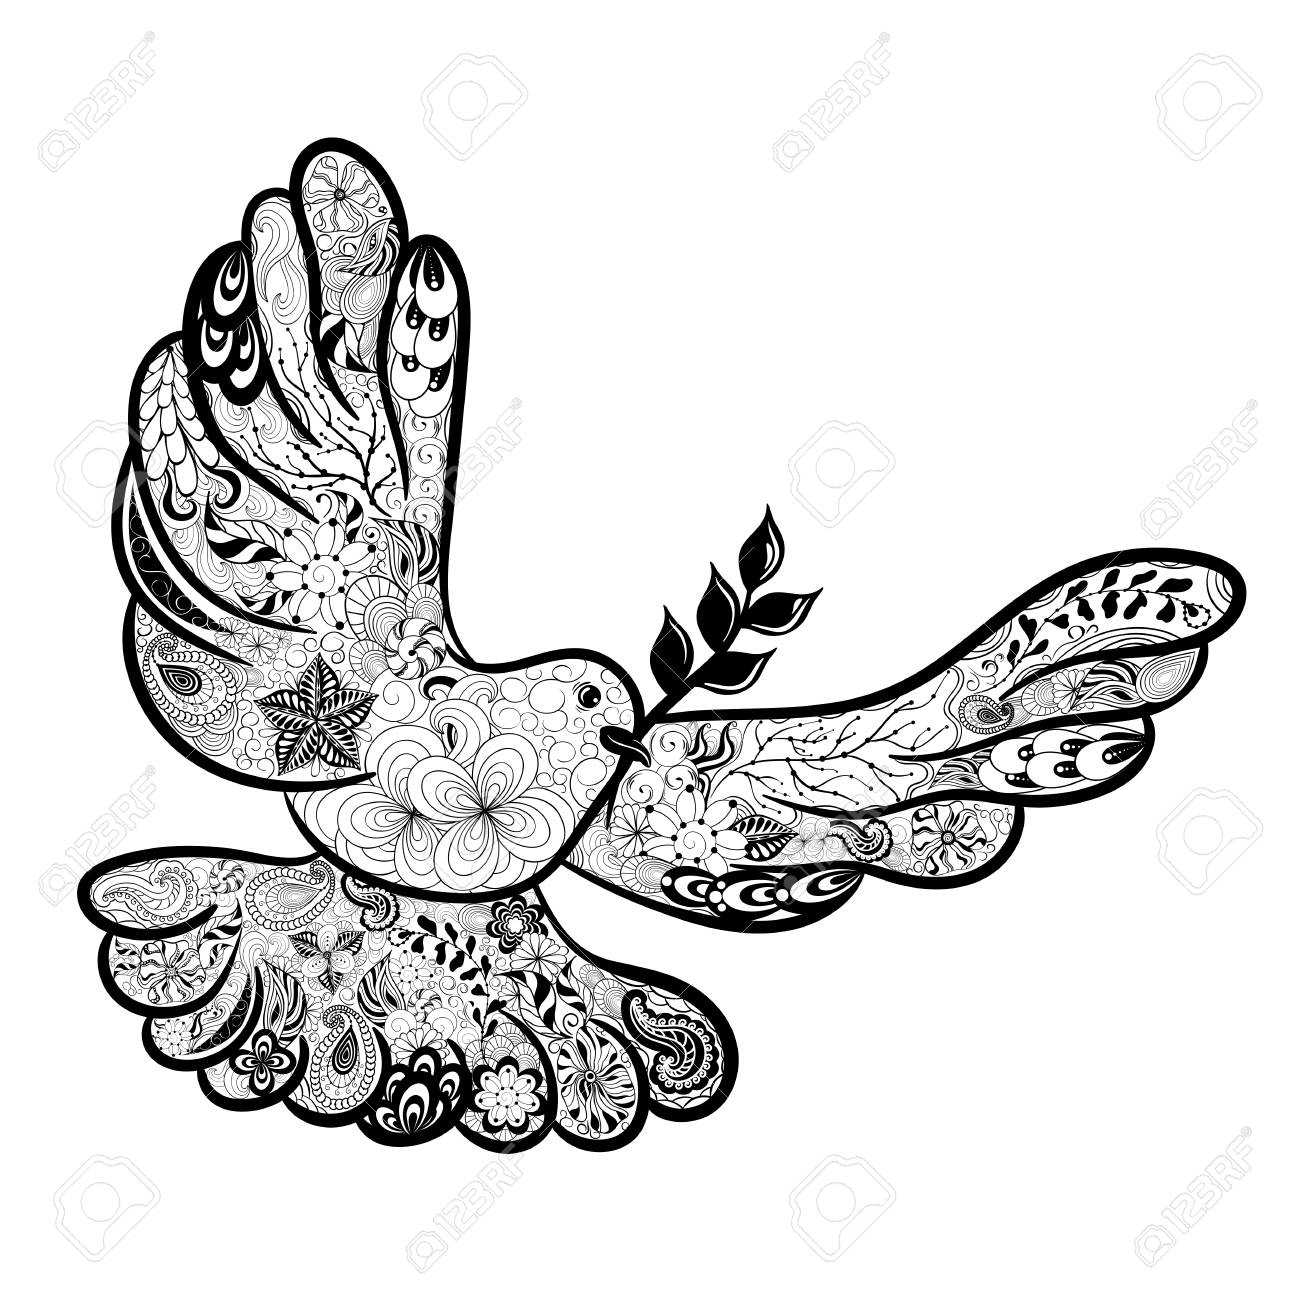 Pace Bianco E Nero illustration